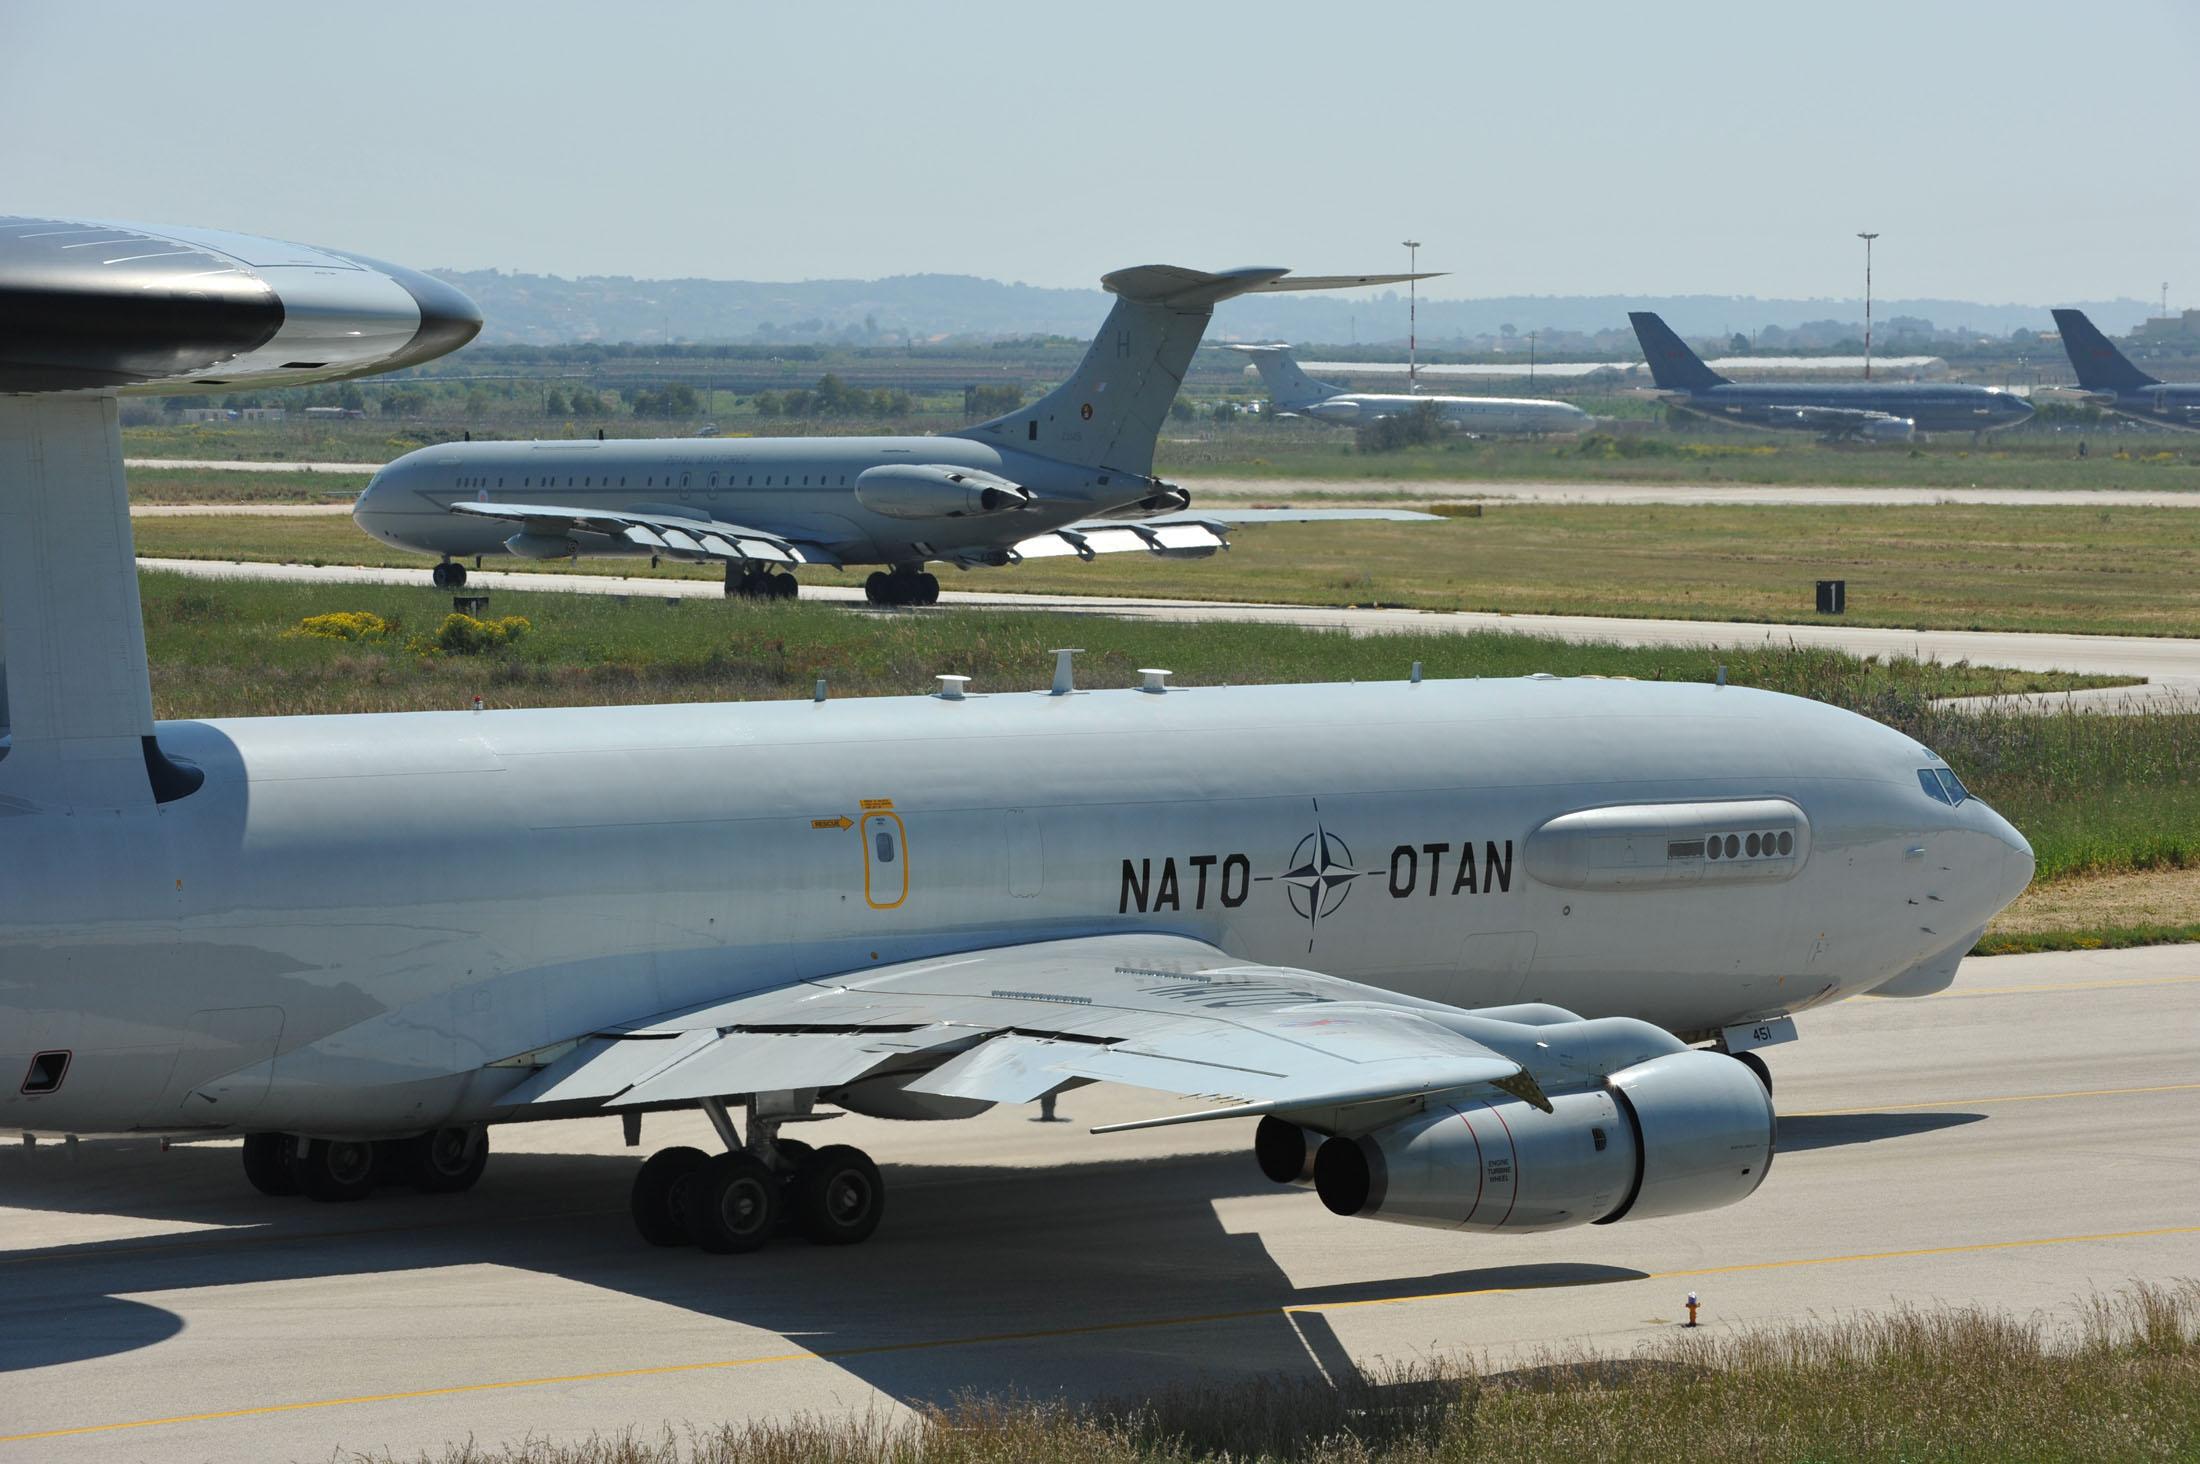 NATO'dan Türkiye uçuşu